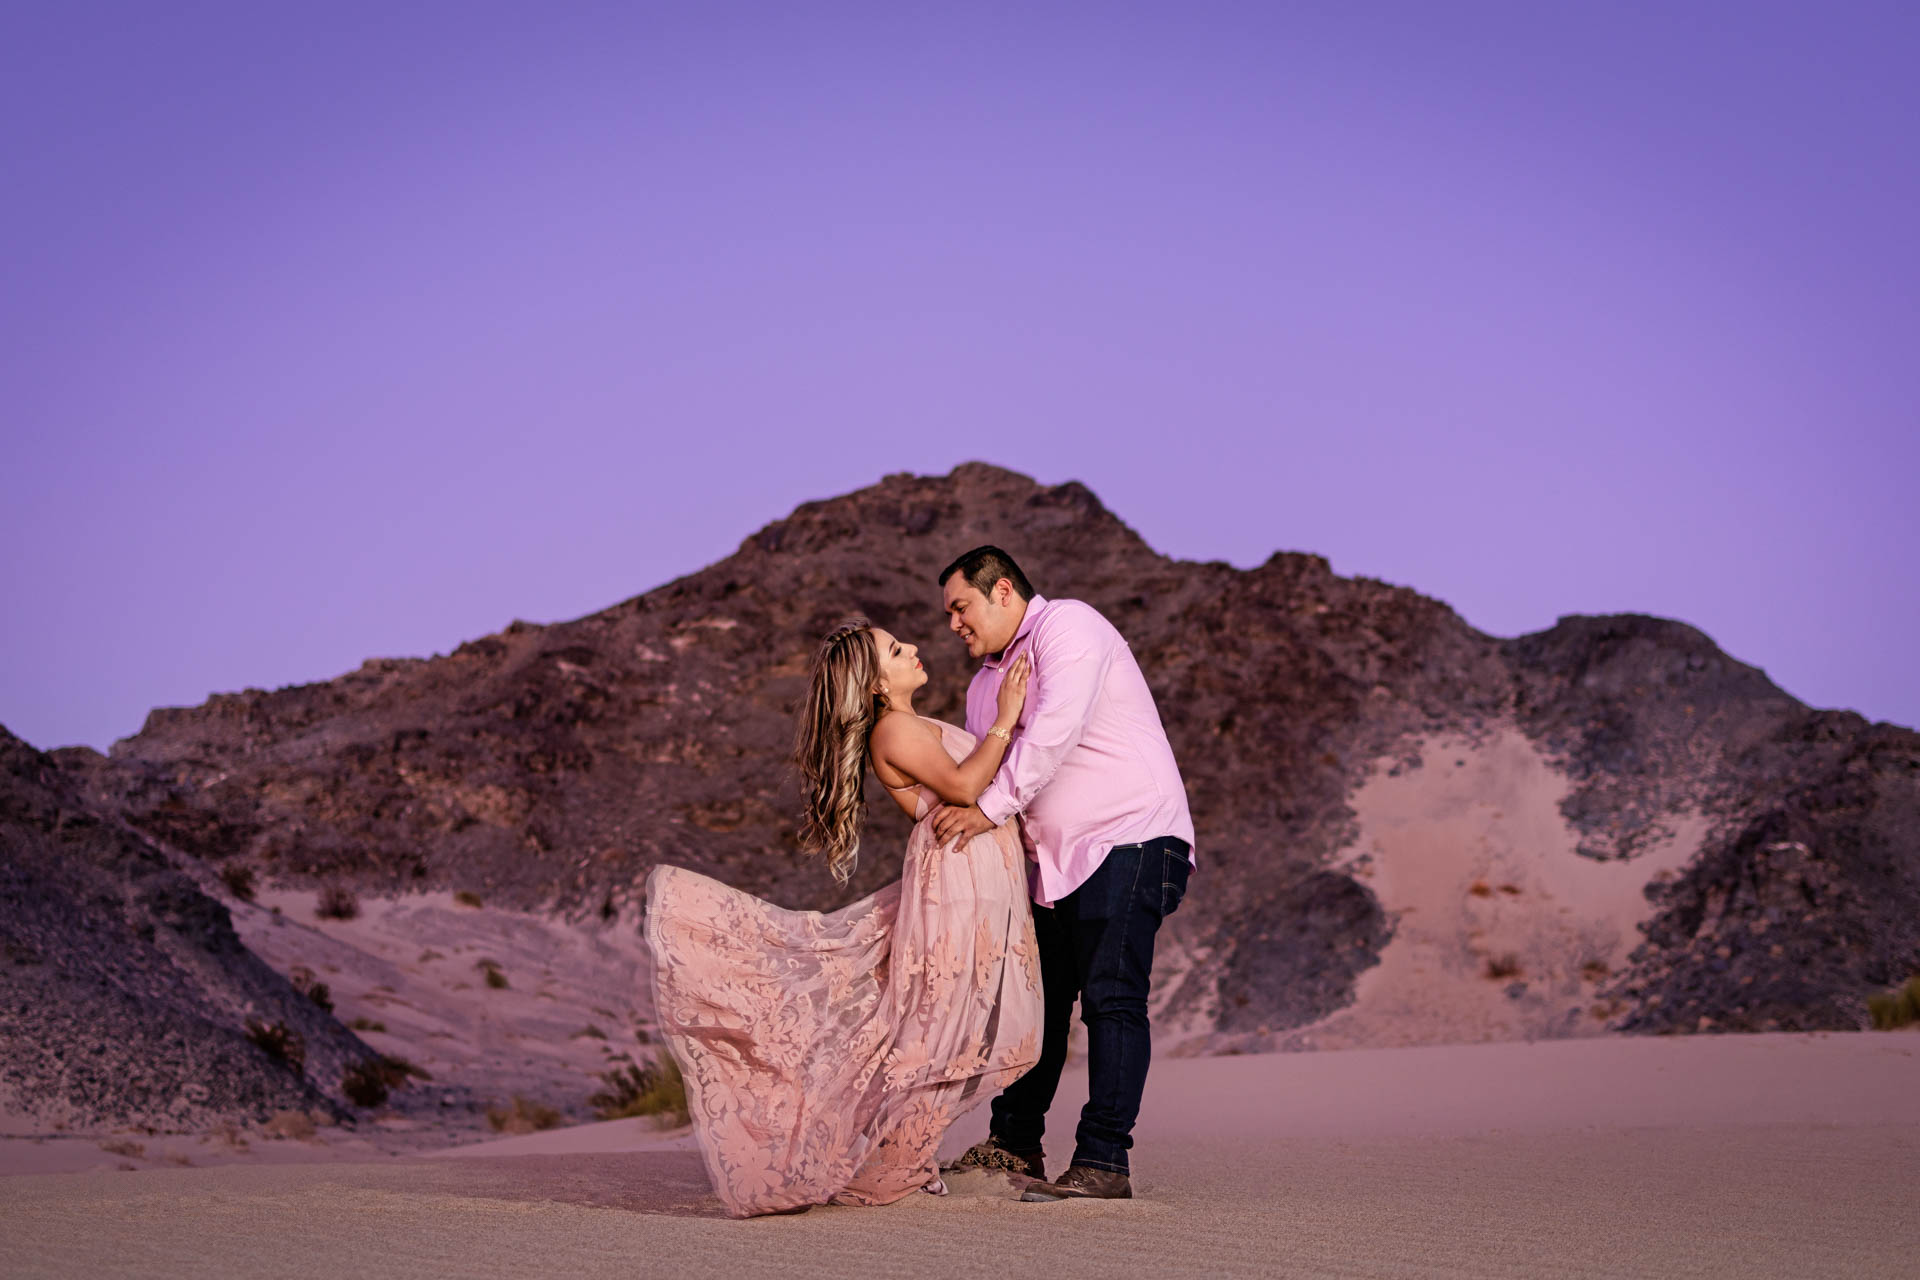 Fotografia de Boda - Foto de sesion previa en las dunas del desierto